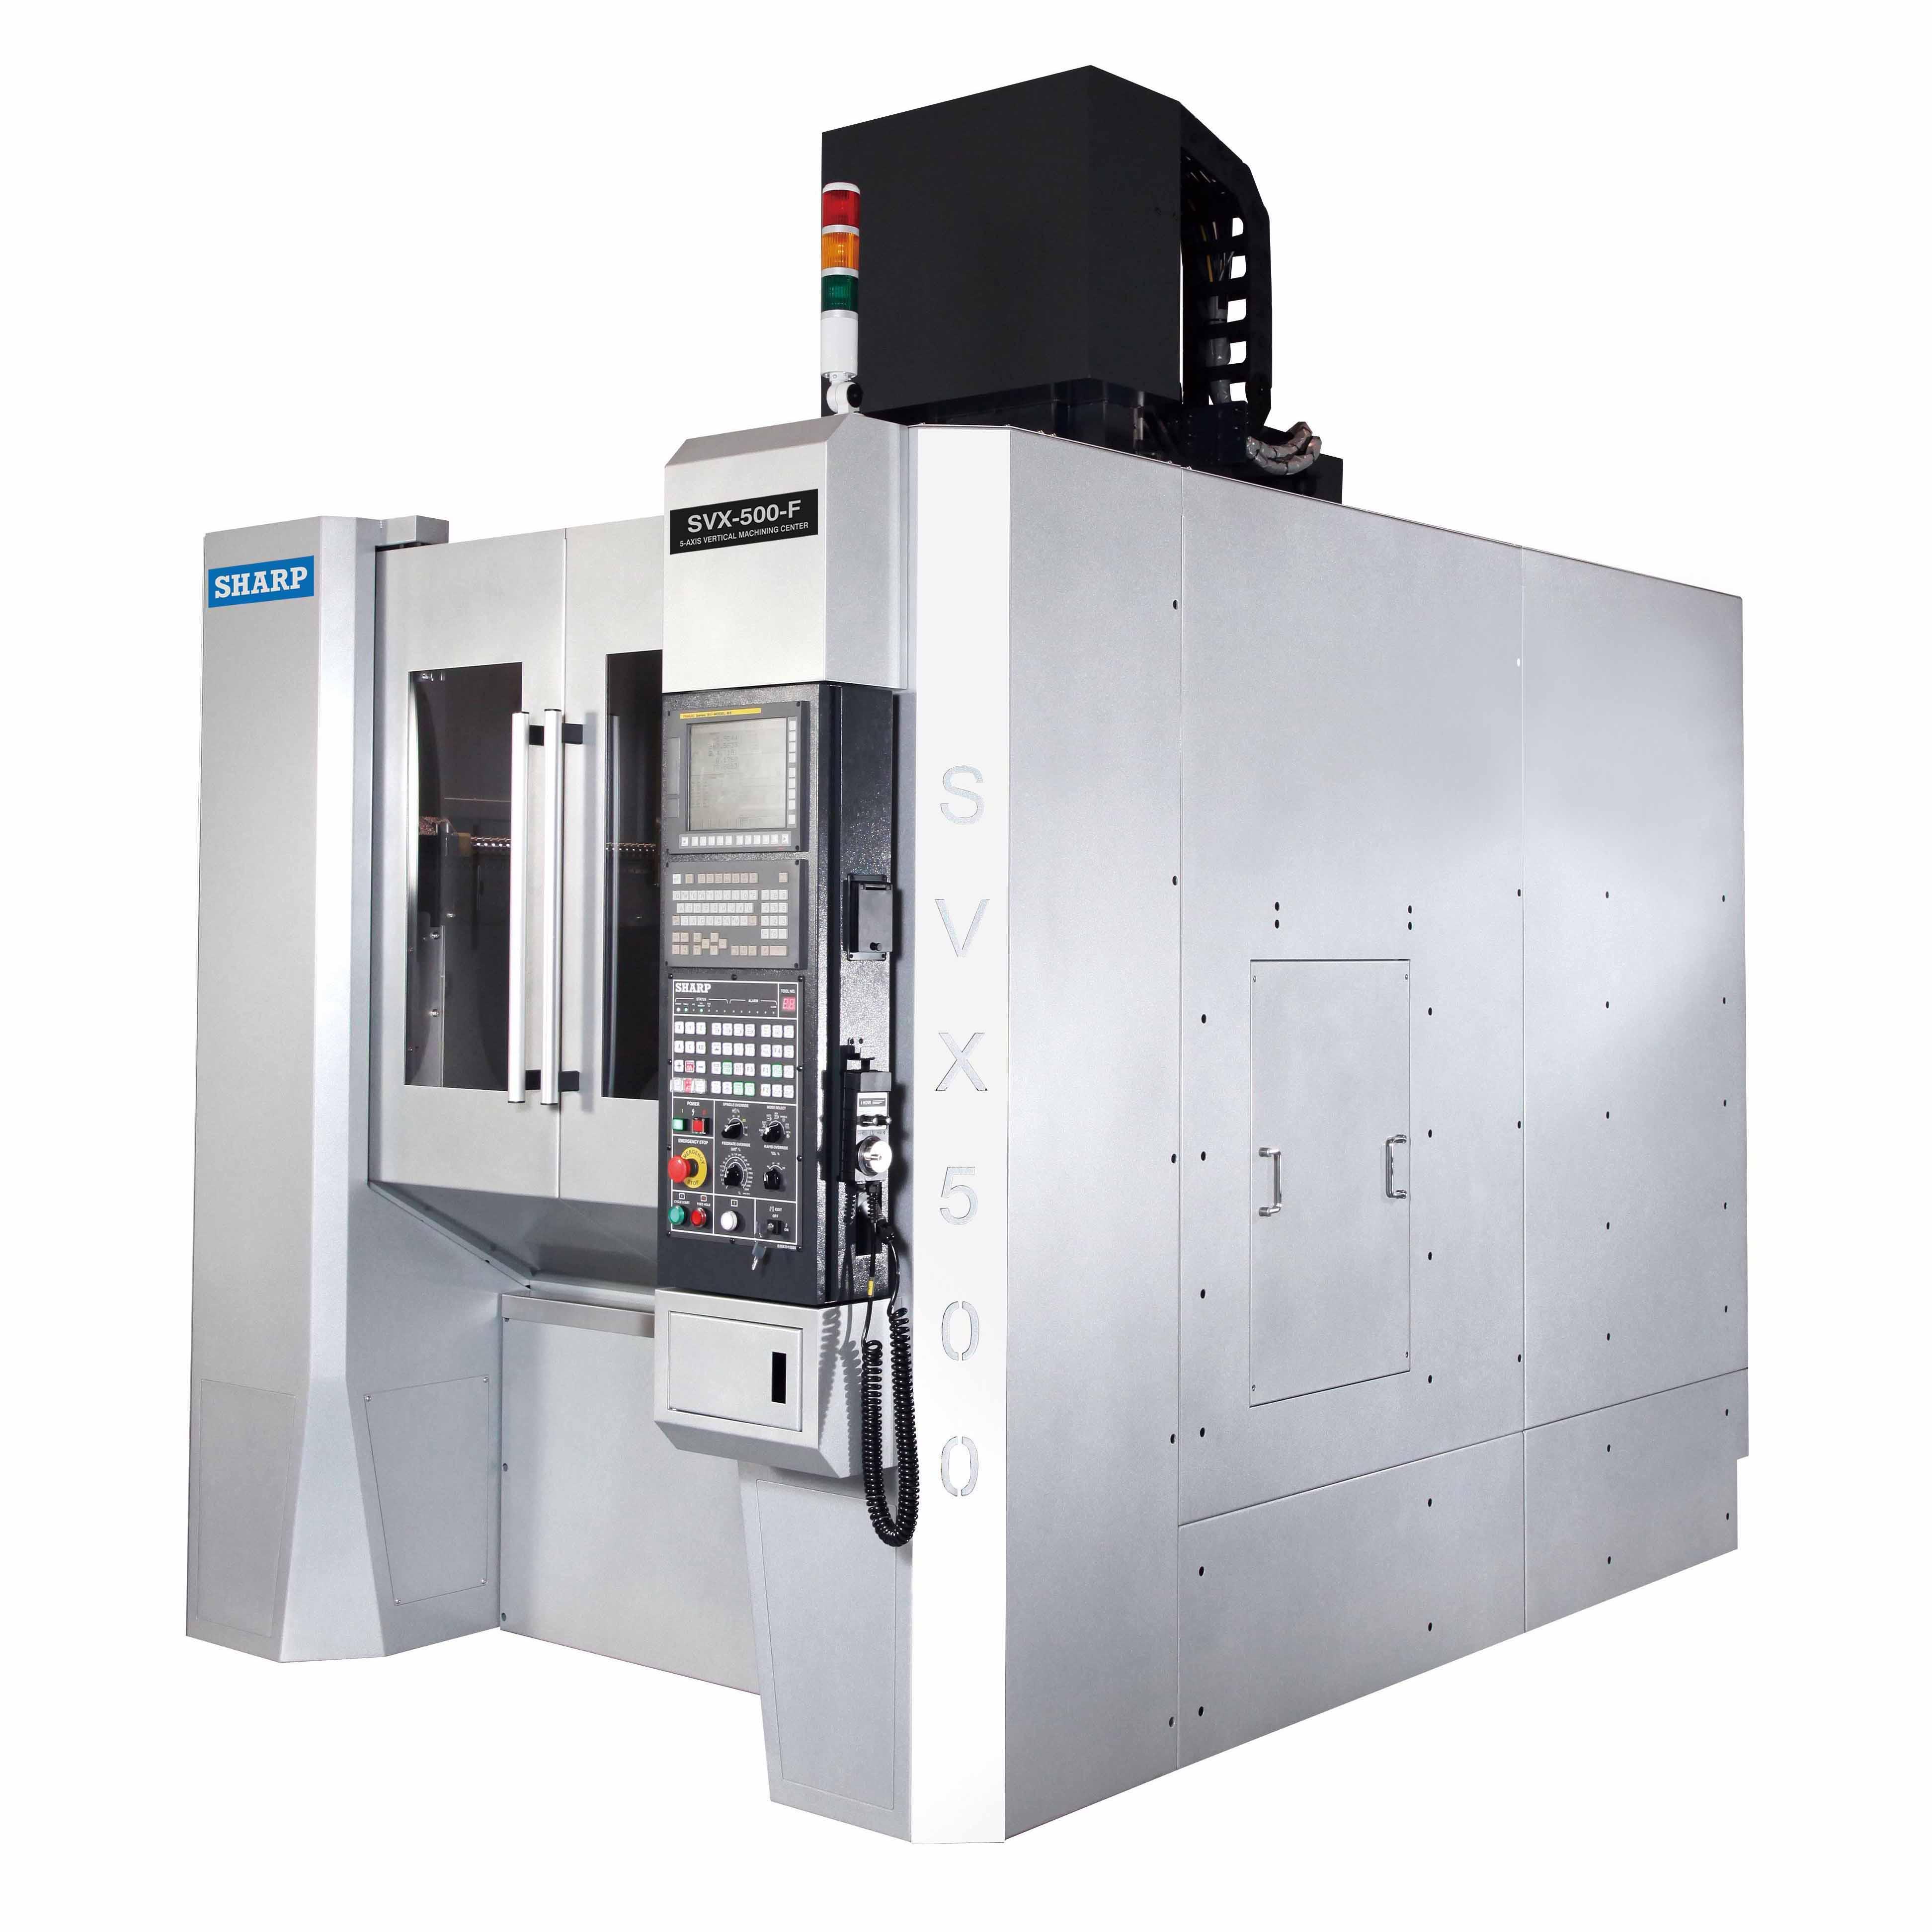 NEW SHARP SVX-500 5-AXIS CNC VERTICAL MACHINING CENTER